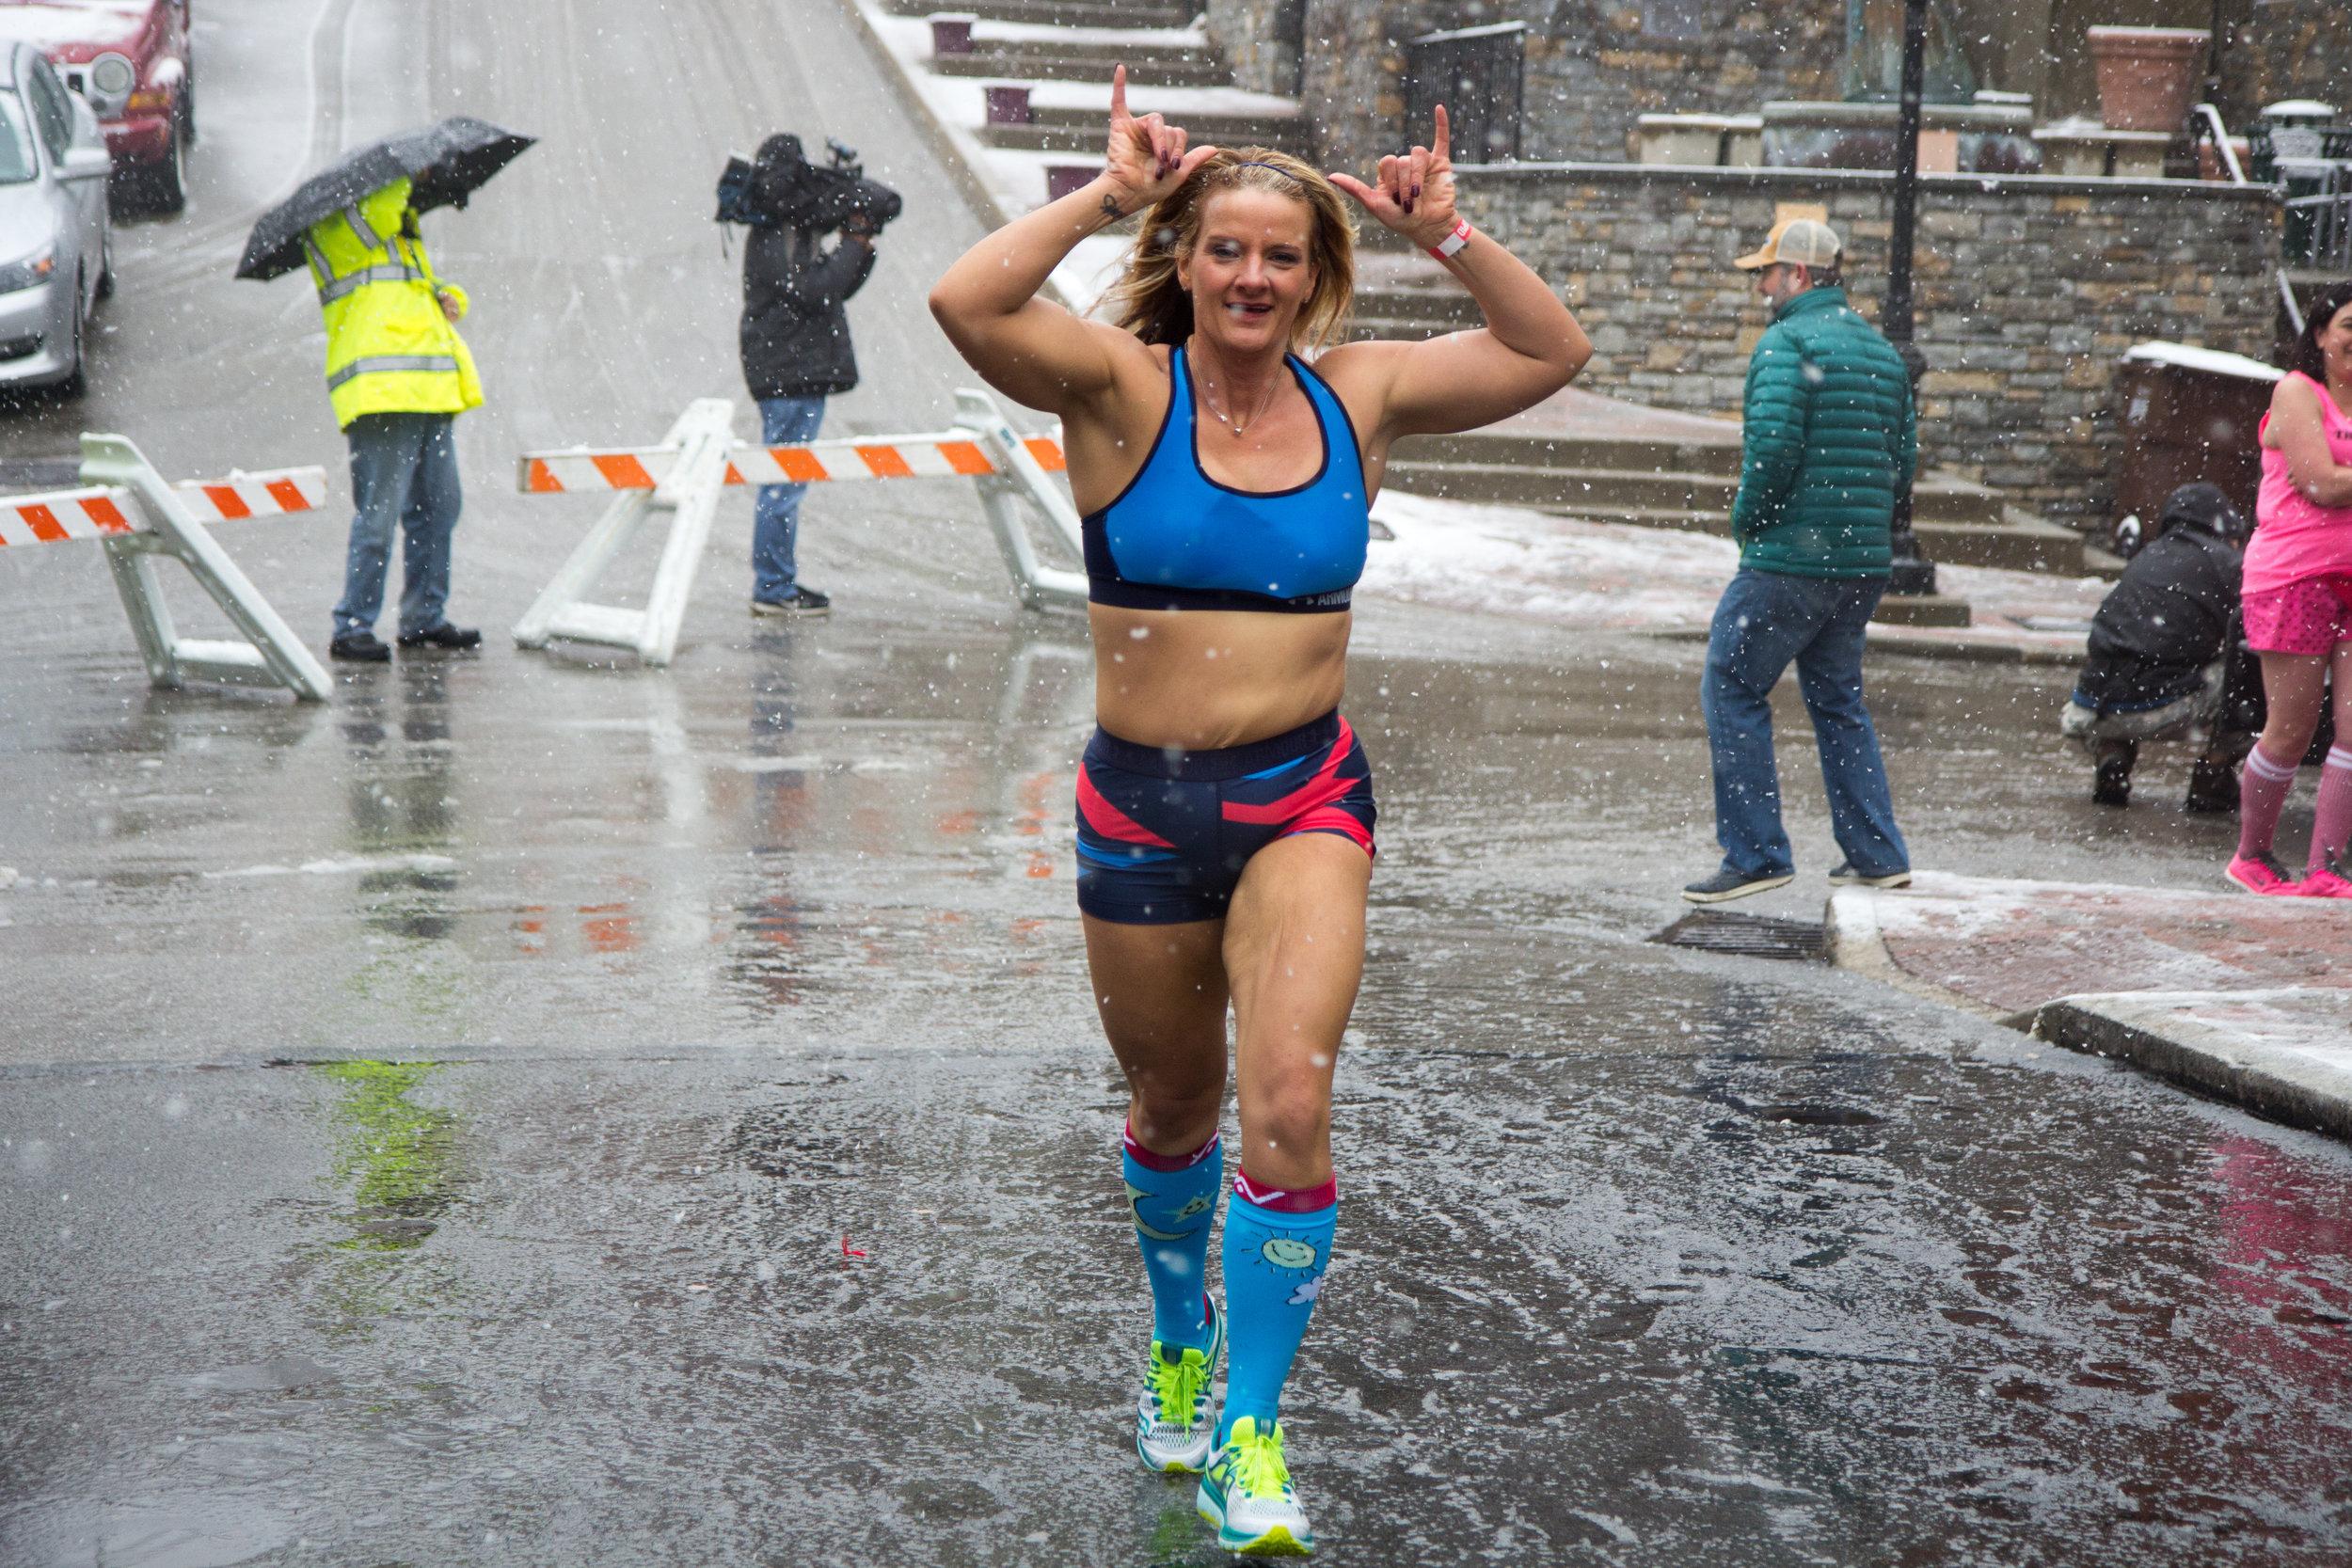 CaseyMillerPhoto - Cupid Undie Run 2018  (129 of 252).jpg